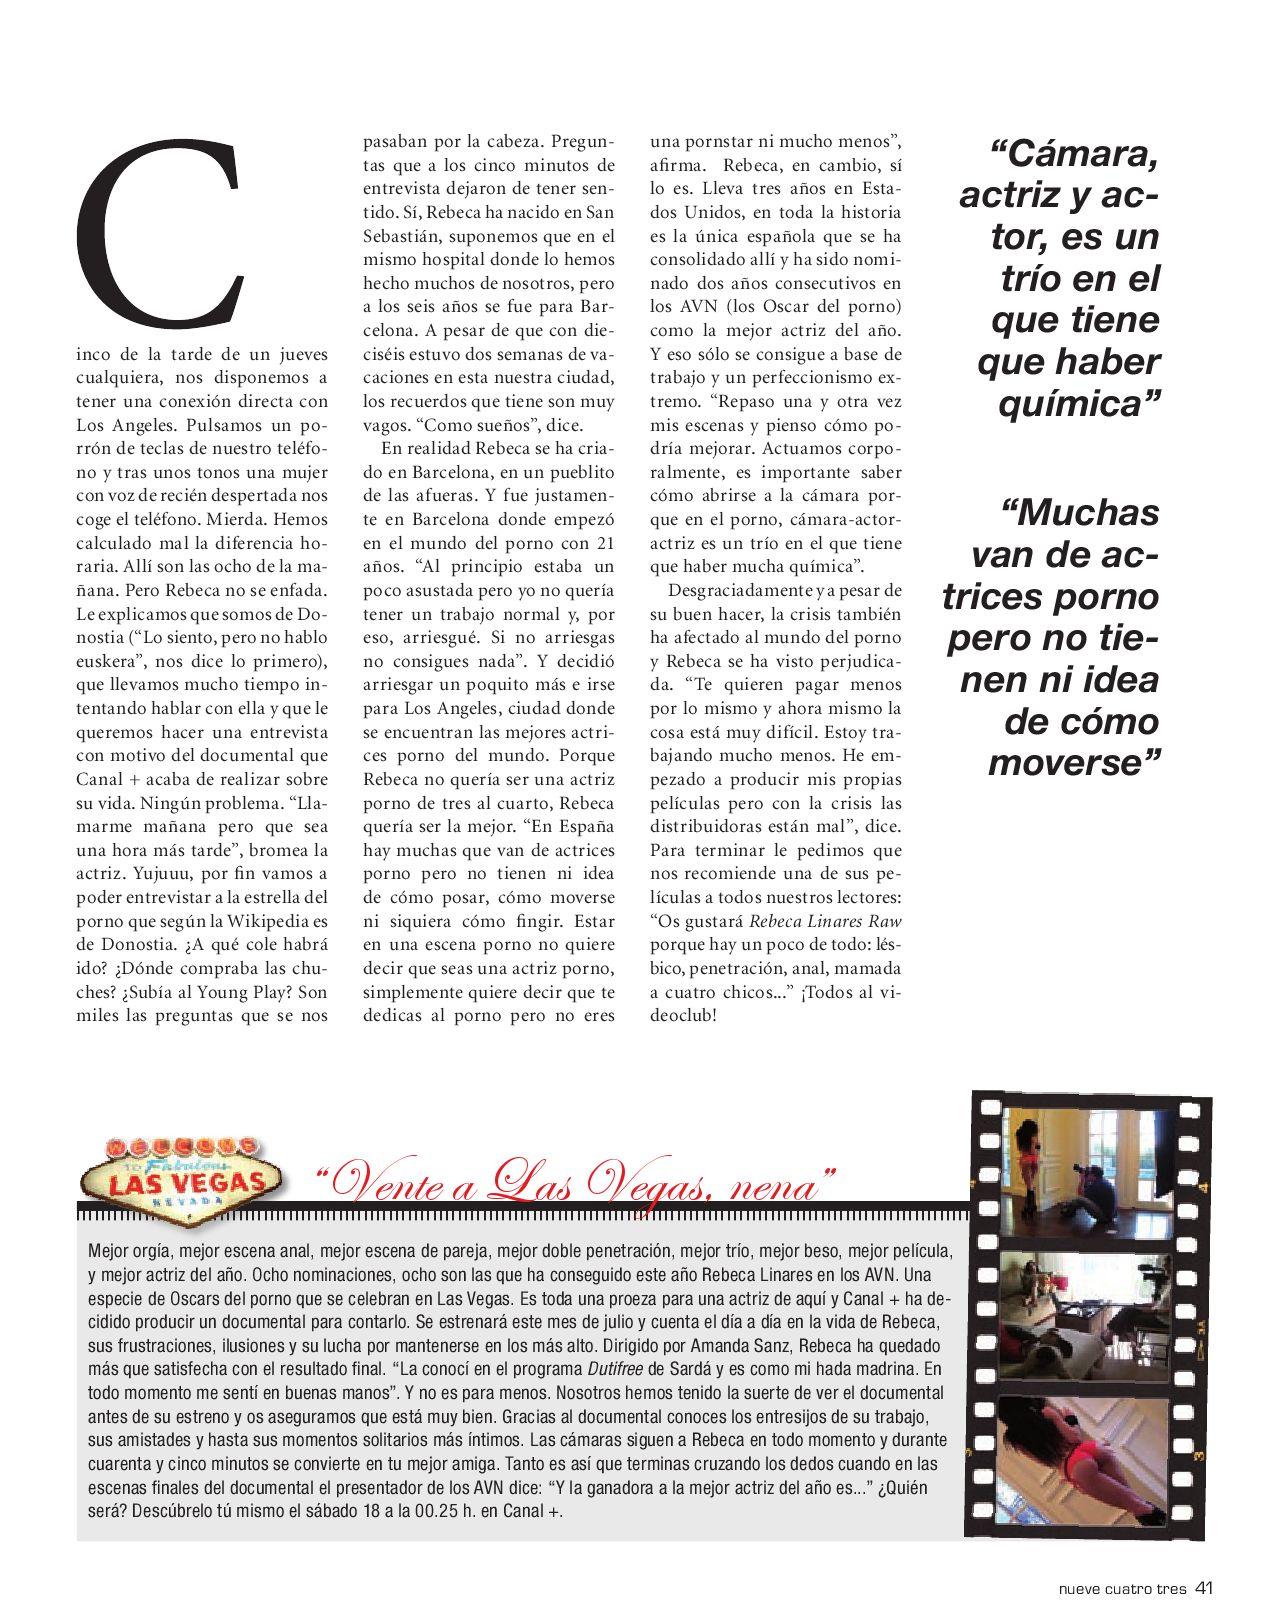 Actriz Porno De Donostia 25bokarriba comunicación - issuu